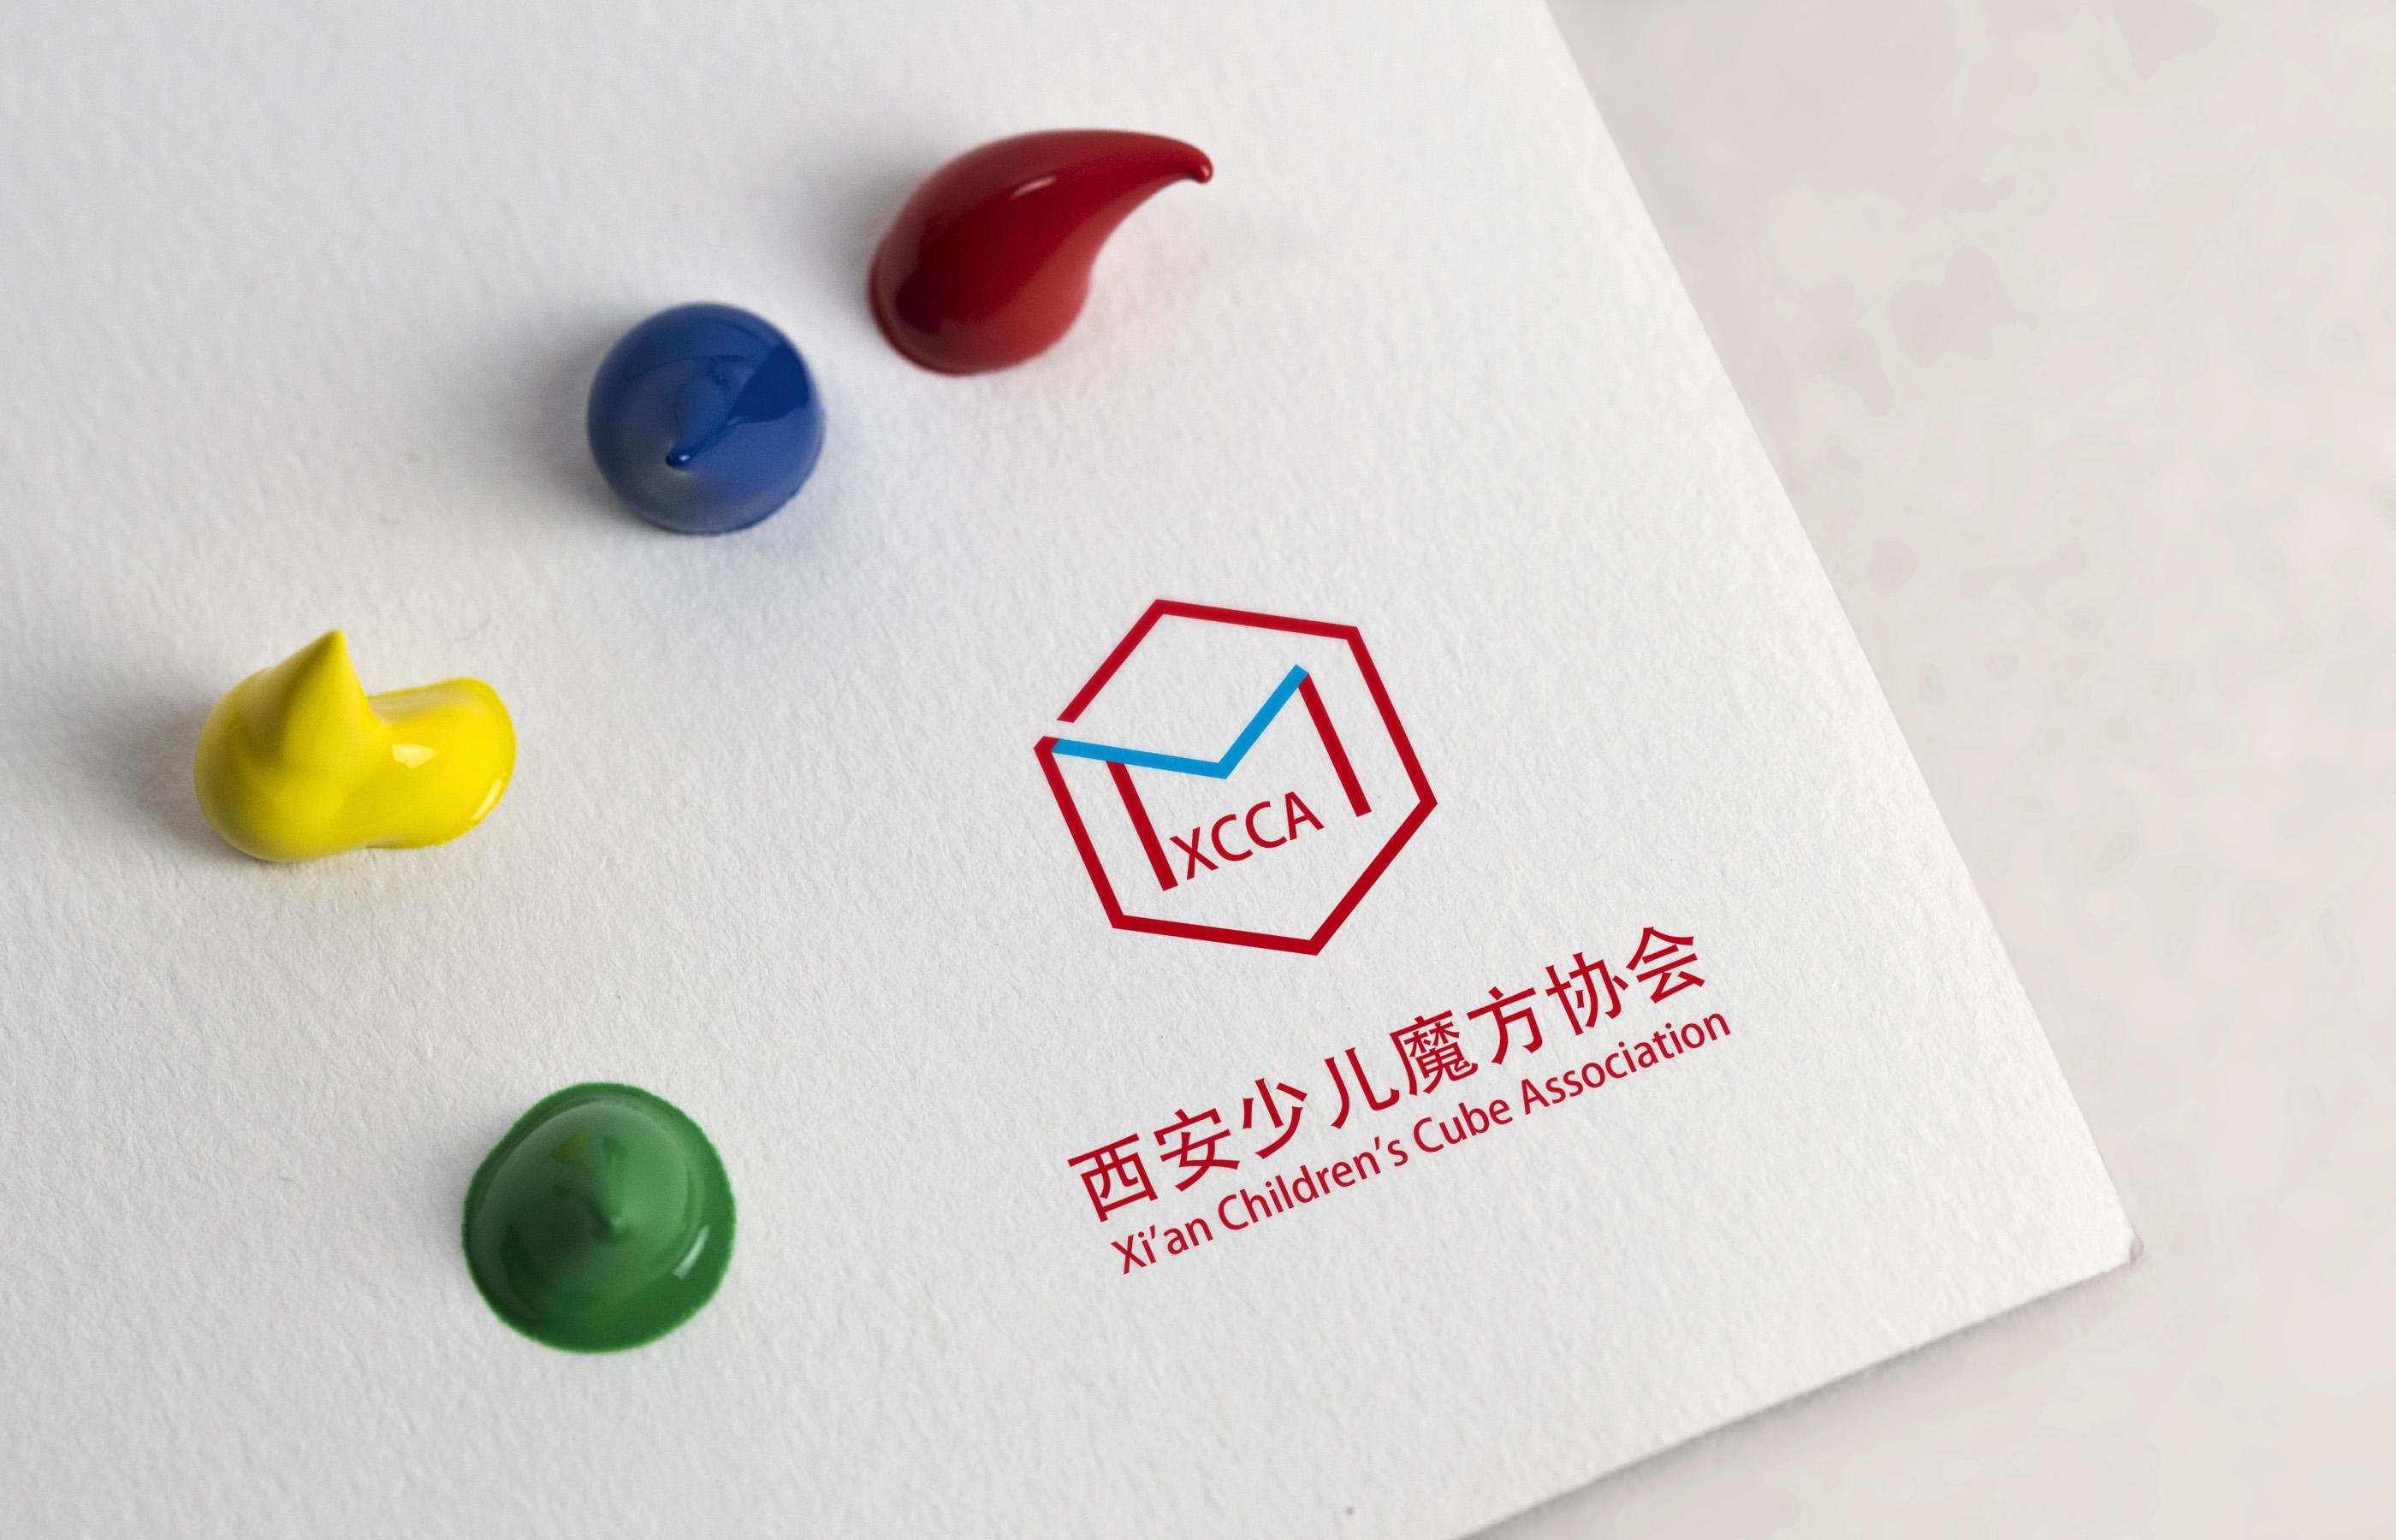 兴发娱乐,兴发娱乐网址,兴发娱乐官网专业logo设计公司